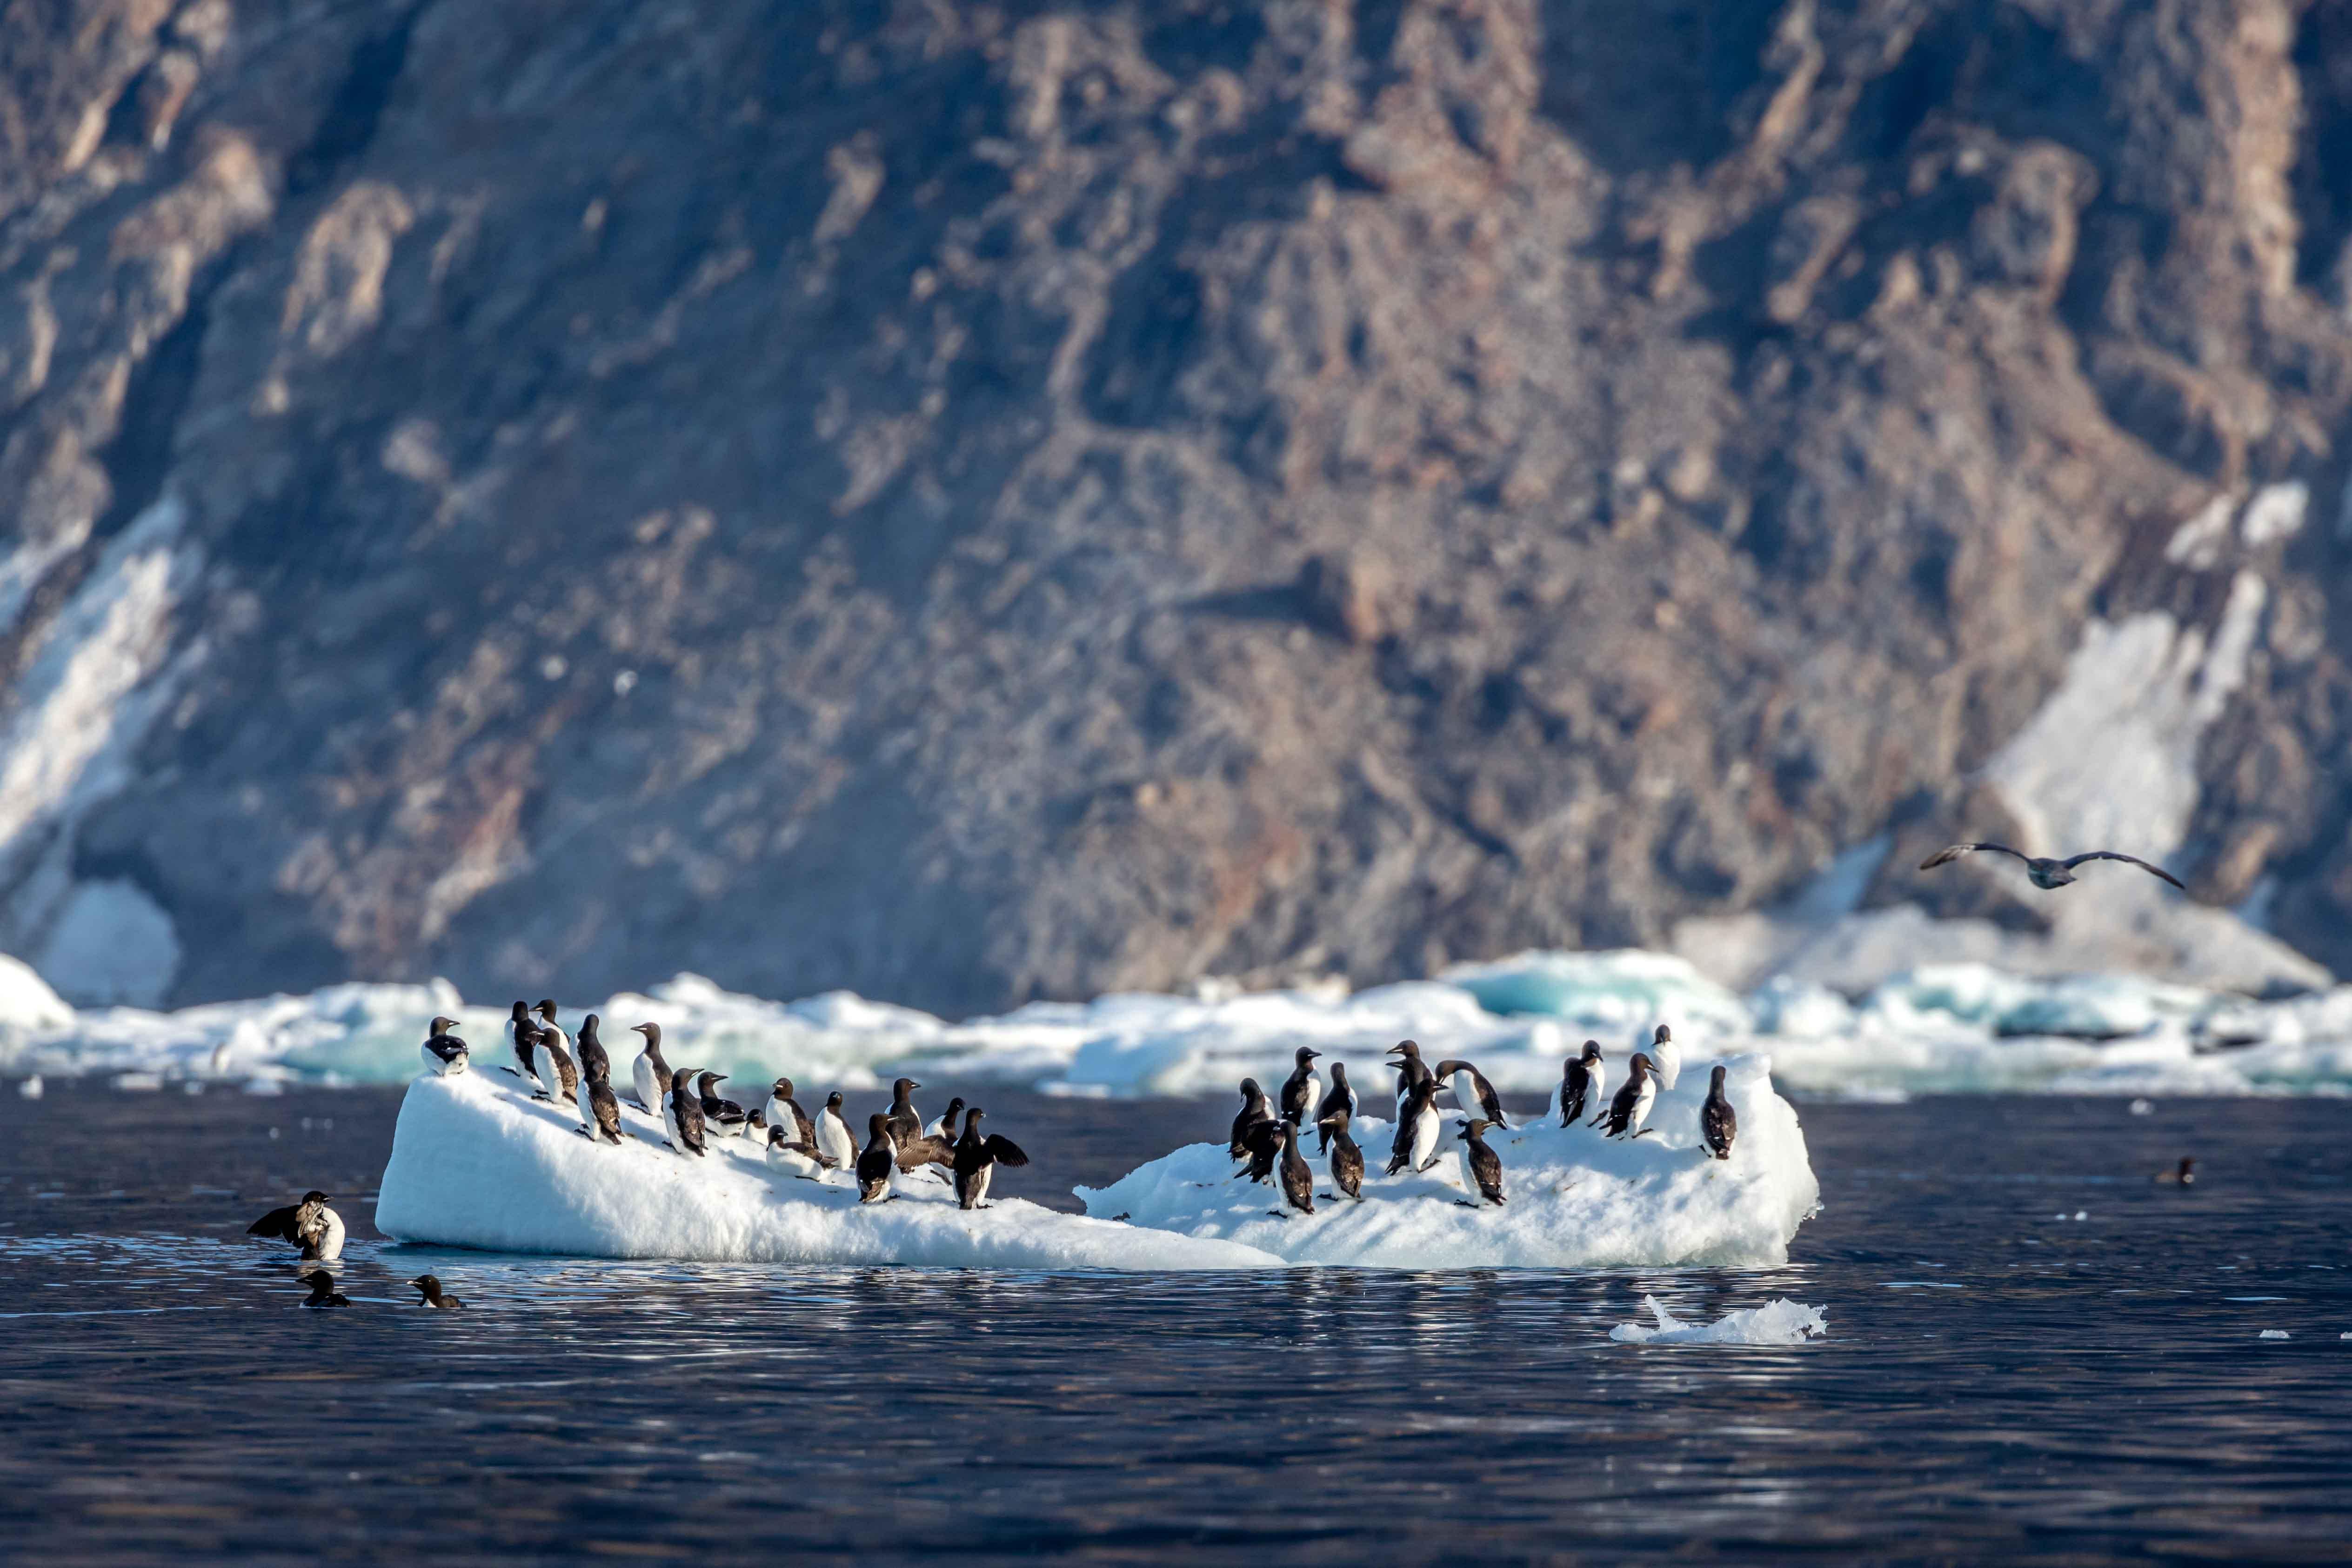 Passage du Nord-Ouest, Labrador, Canada - ©Roger Pimenta